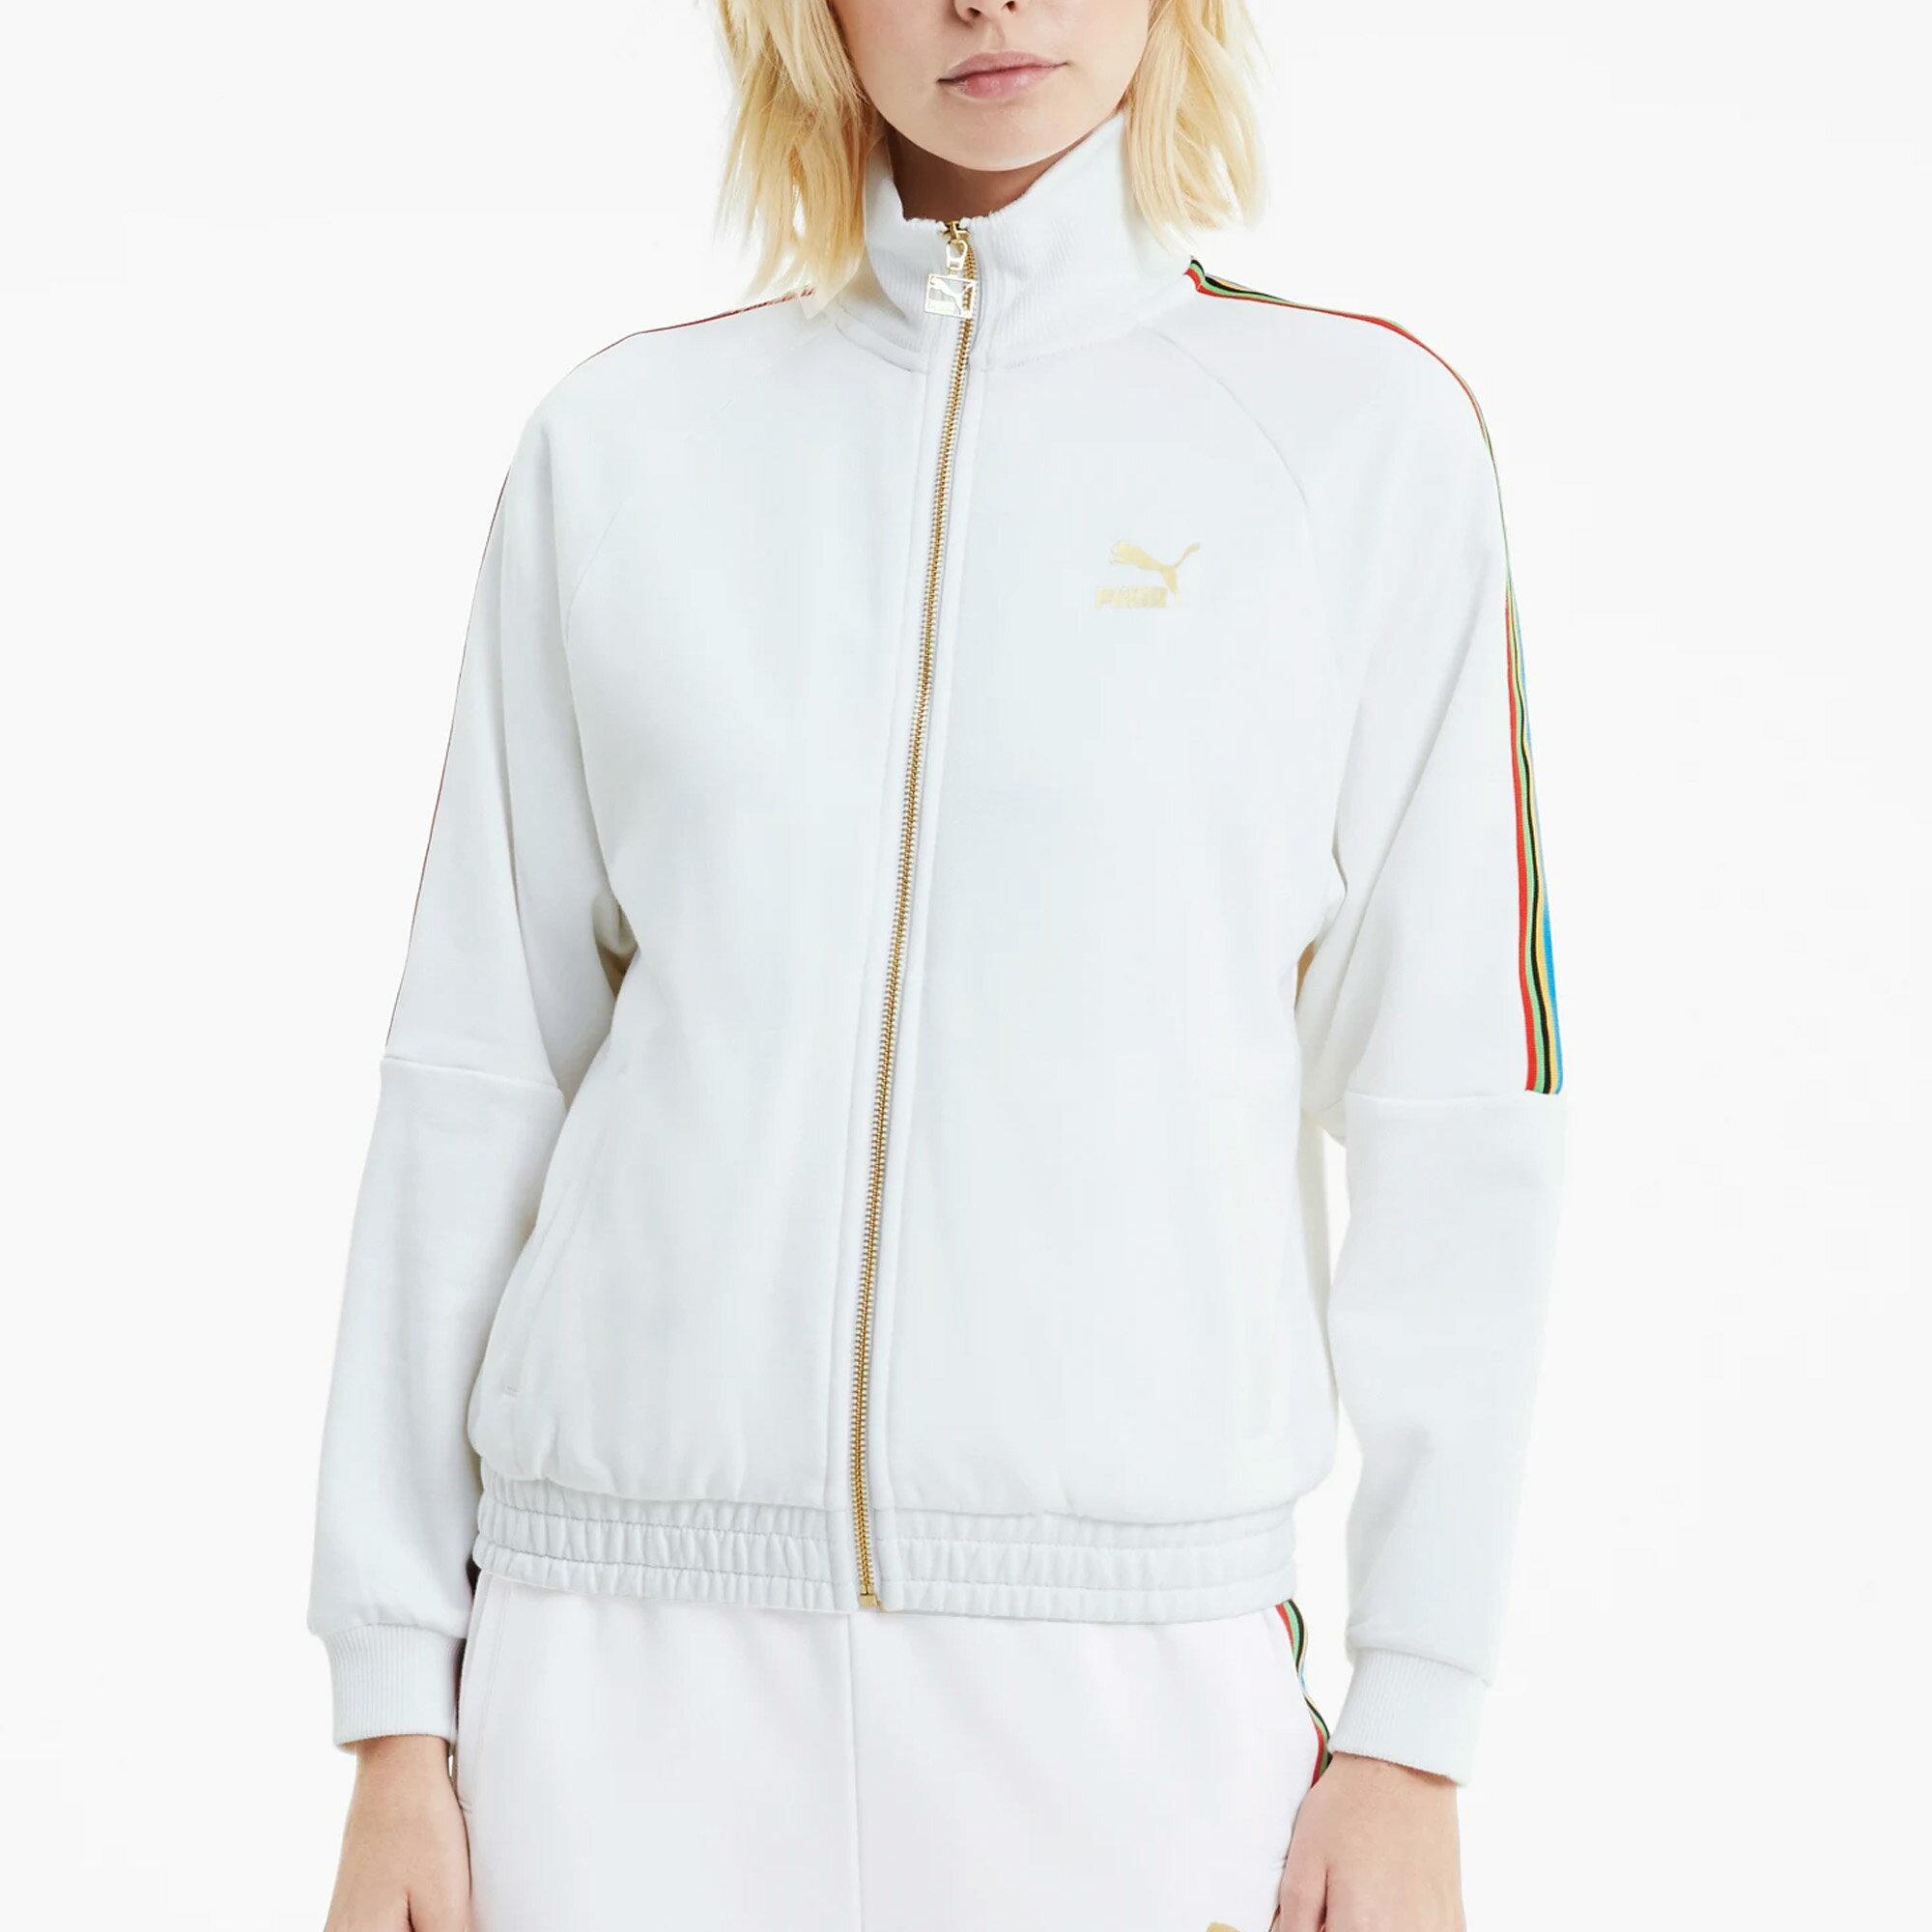 【領券最高折$400】PUMA TFS 女裝 外套 夾克 棉質 寬版 立領 側袋 LOGO 印花 白金 歐規【運動世界】59836902